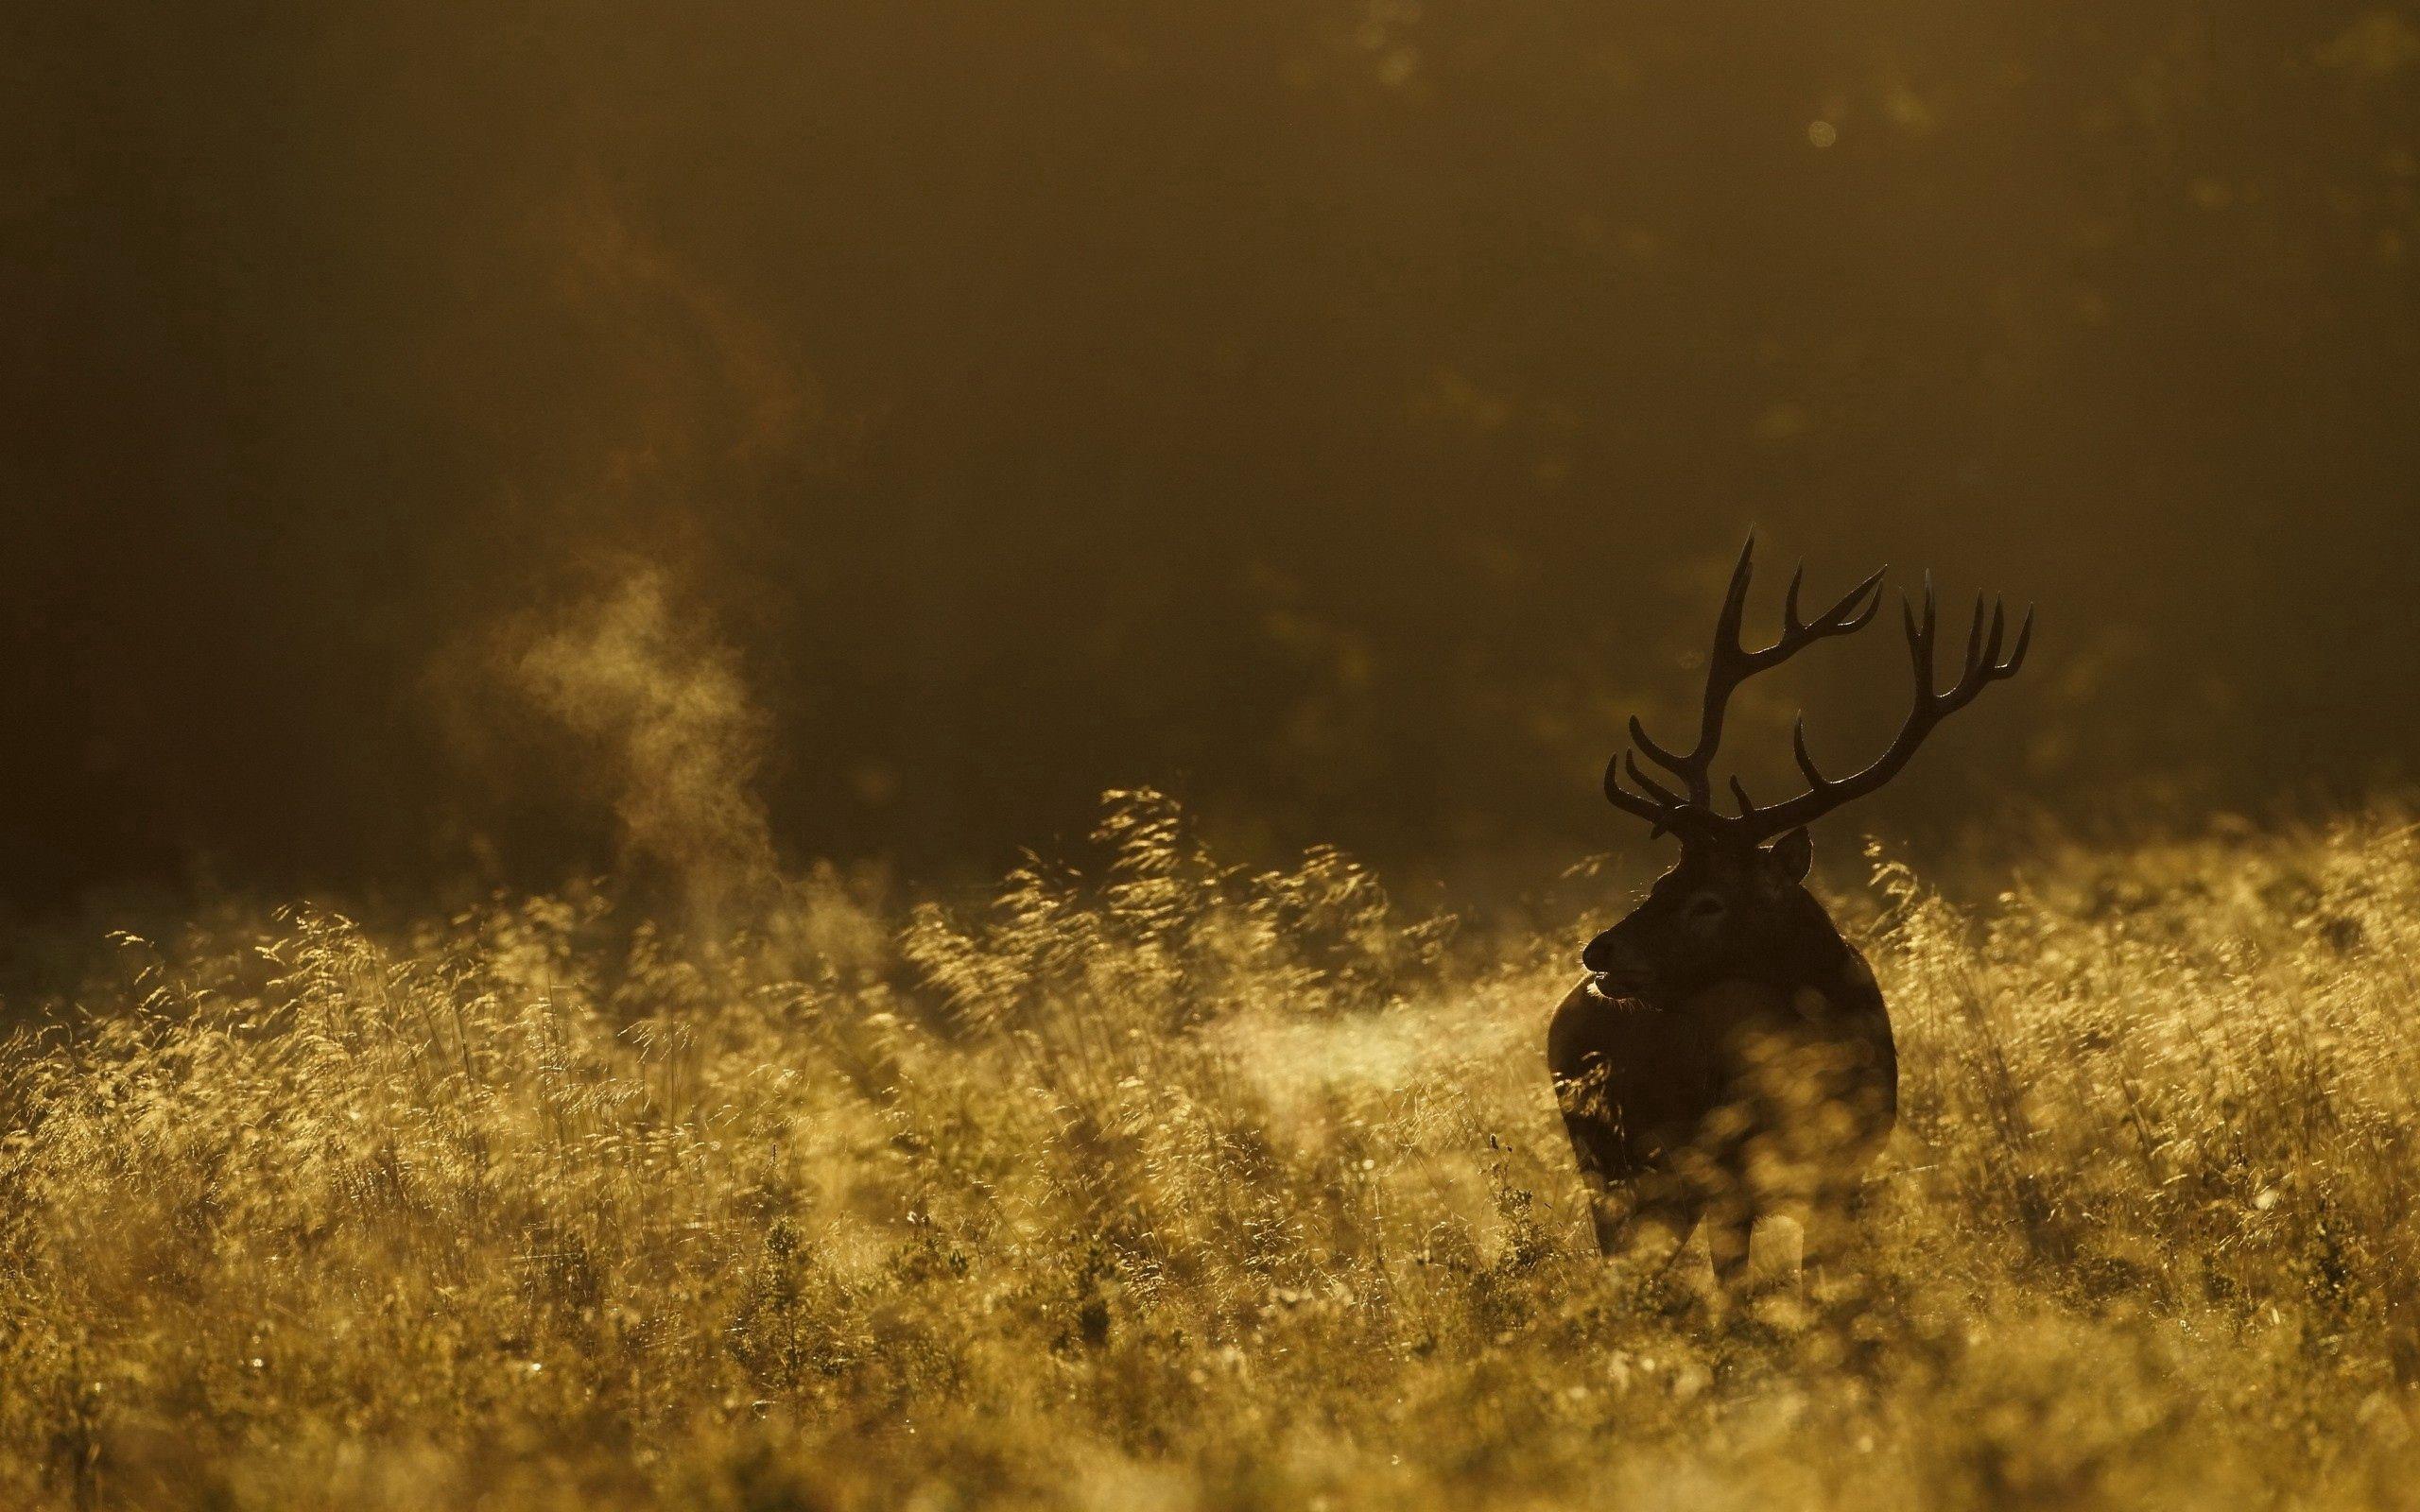 55347 Hintergrundbild herunterladen Tiere, Grass, Dunkel, Feld, Bummel, Spaziergang, Hirsch - Bildschirmschoner und Bilder kostenlos